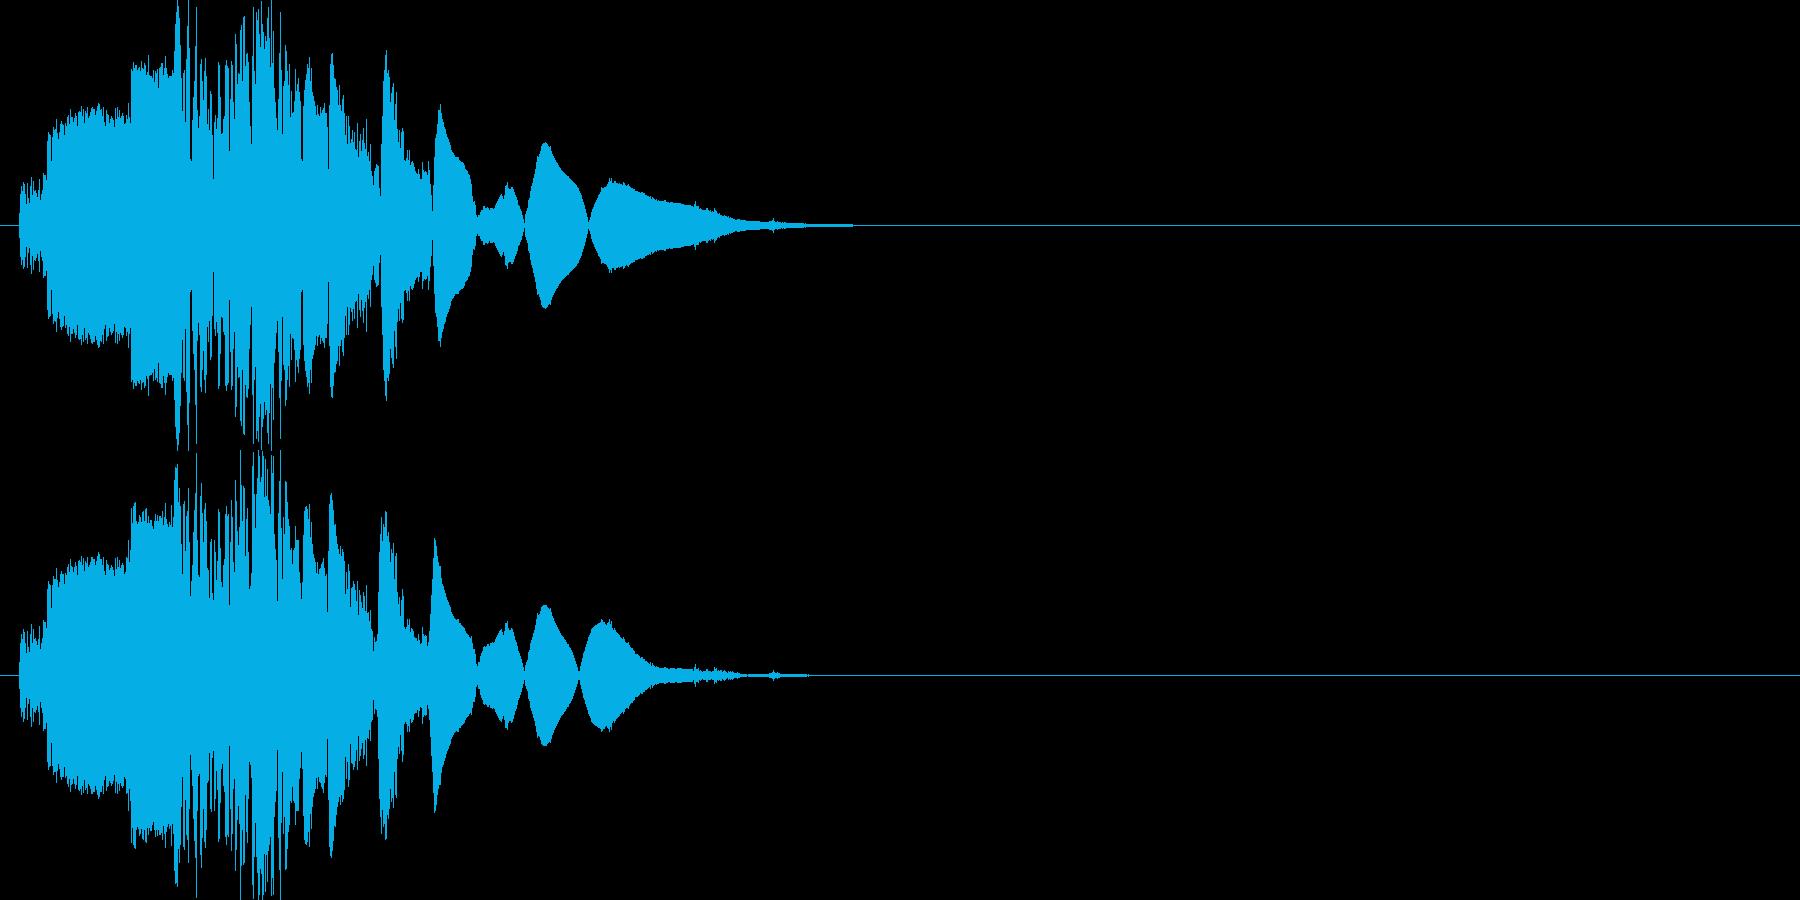 斬撃:武器を突き立てる4の再生済みの波形